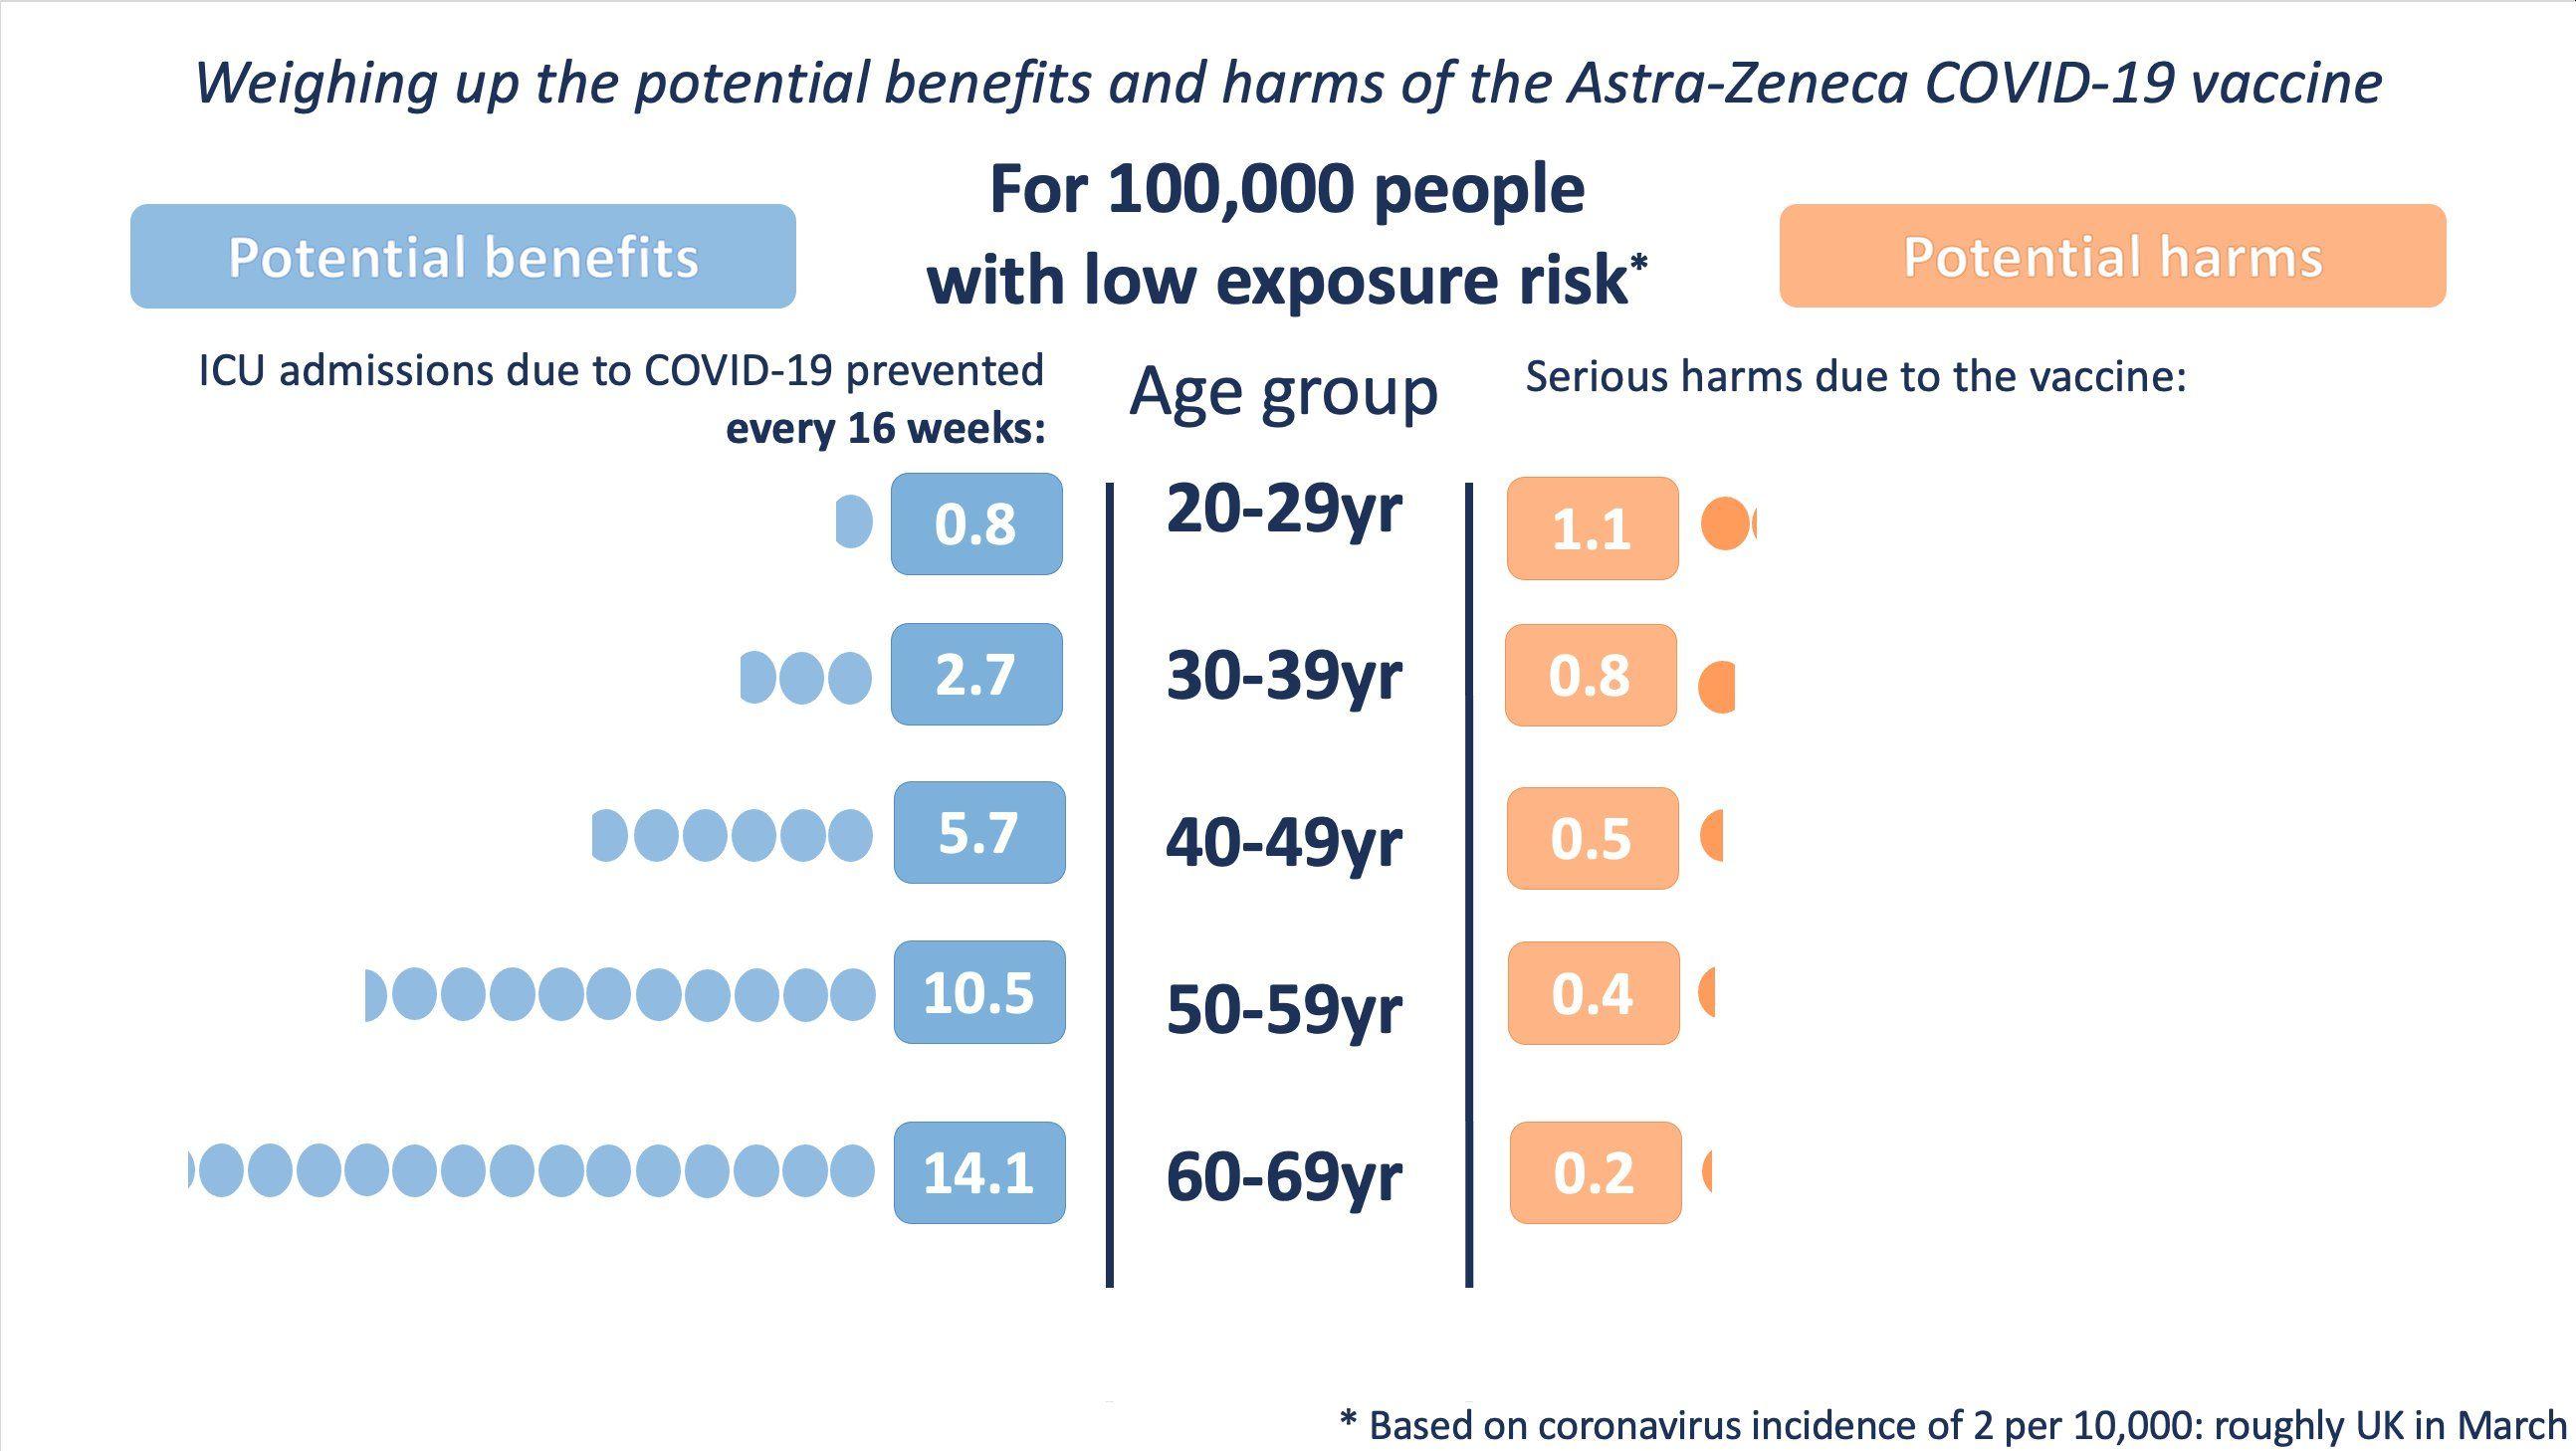 (Exposicón baja de riesgo) Balance de beneficios (izquierda) y riesgos (derecha) de la vacuna AZ en función de la edad   Winton Centre for Risk and Evidence Communication de la Universidad de Cambridge con datos de MHRA